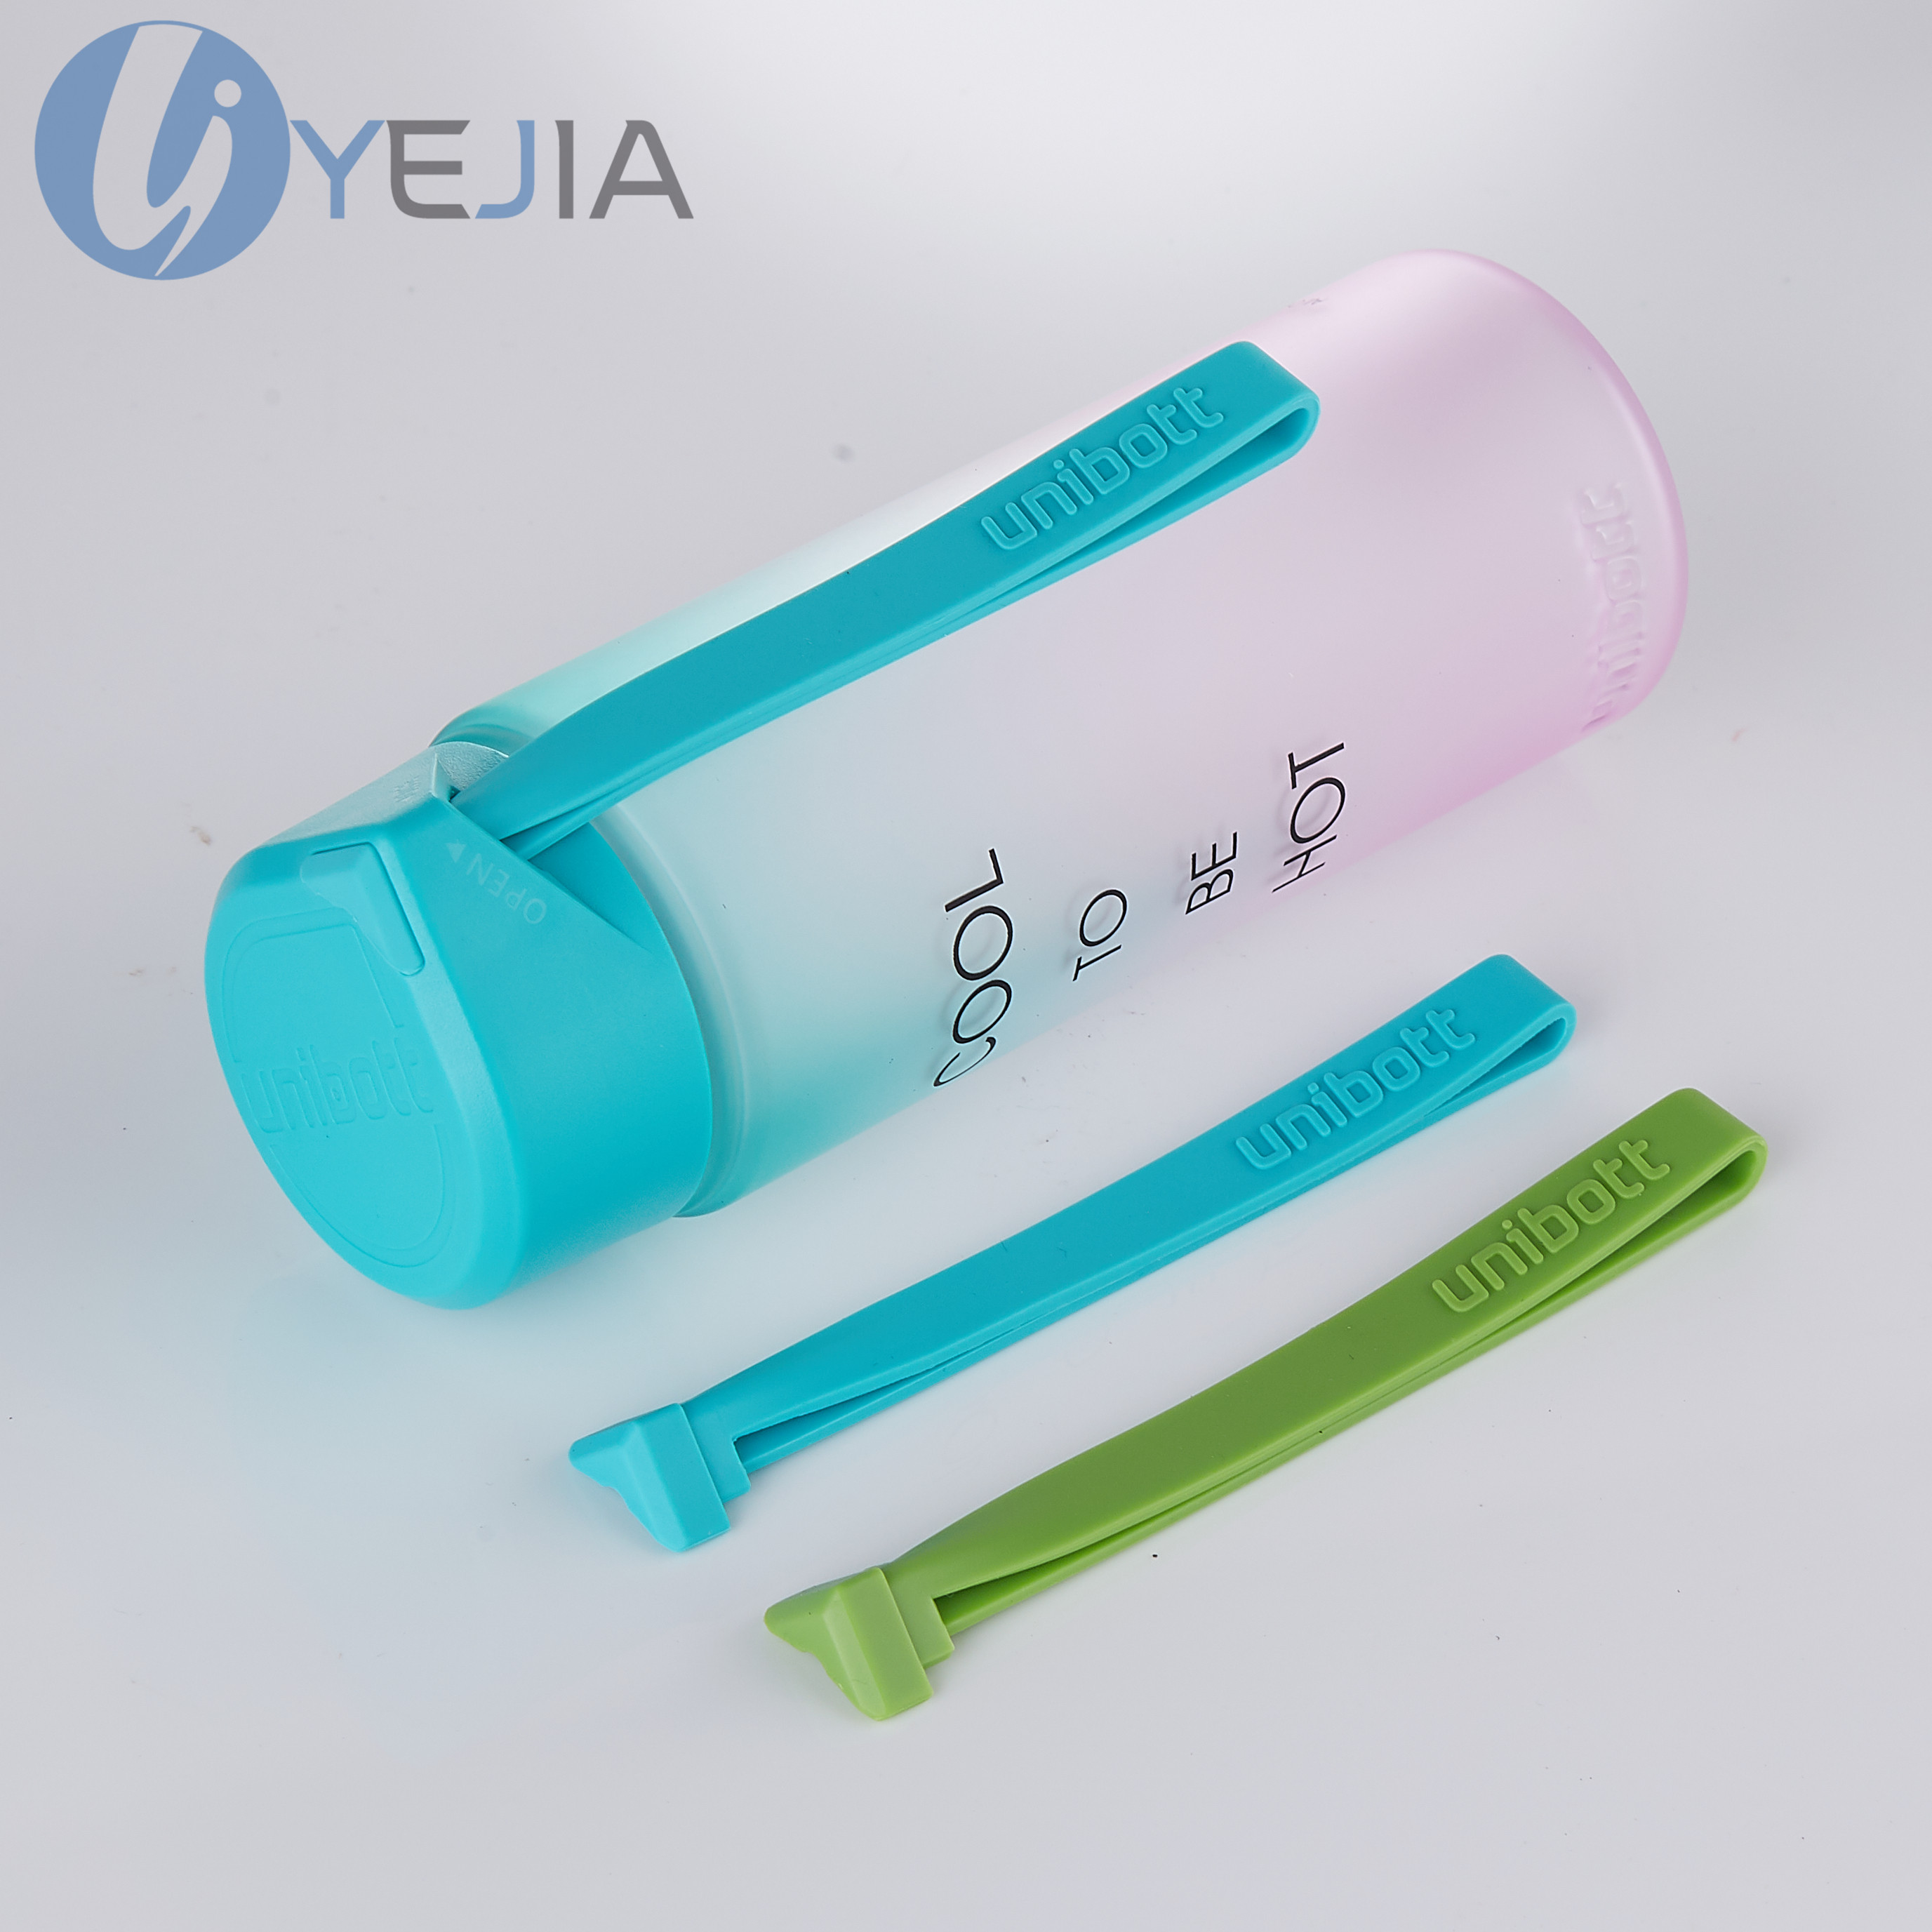 抗老化水杯硅胶提手,手感柔软,不易沾灰尘